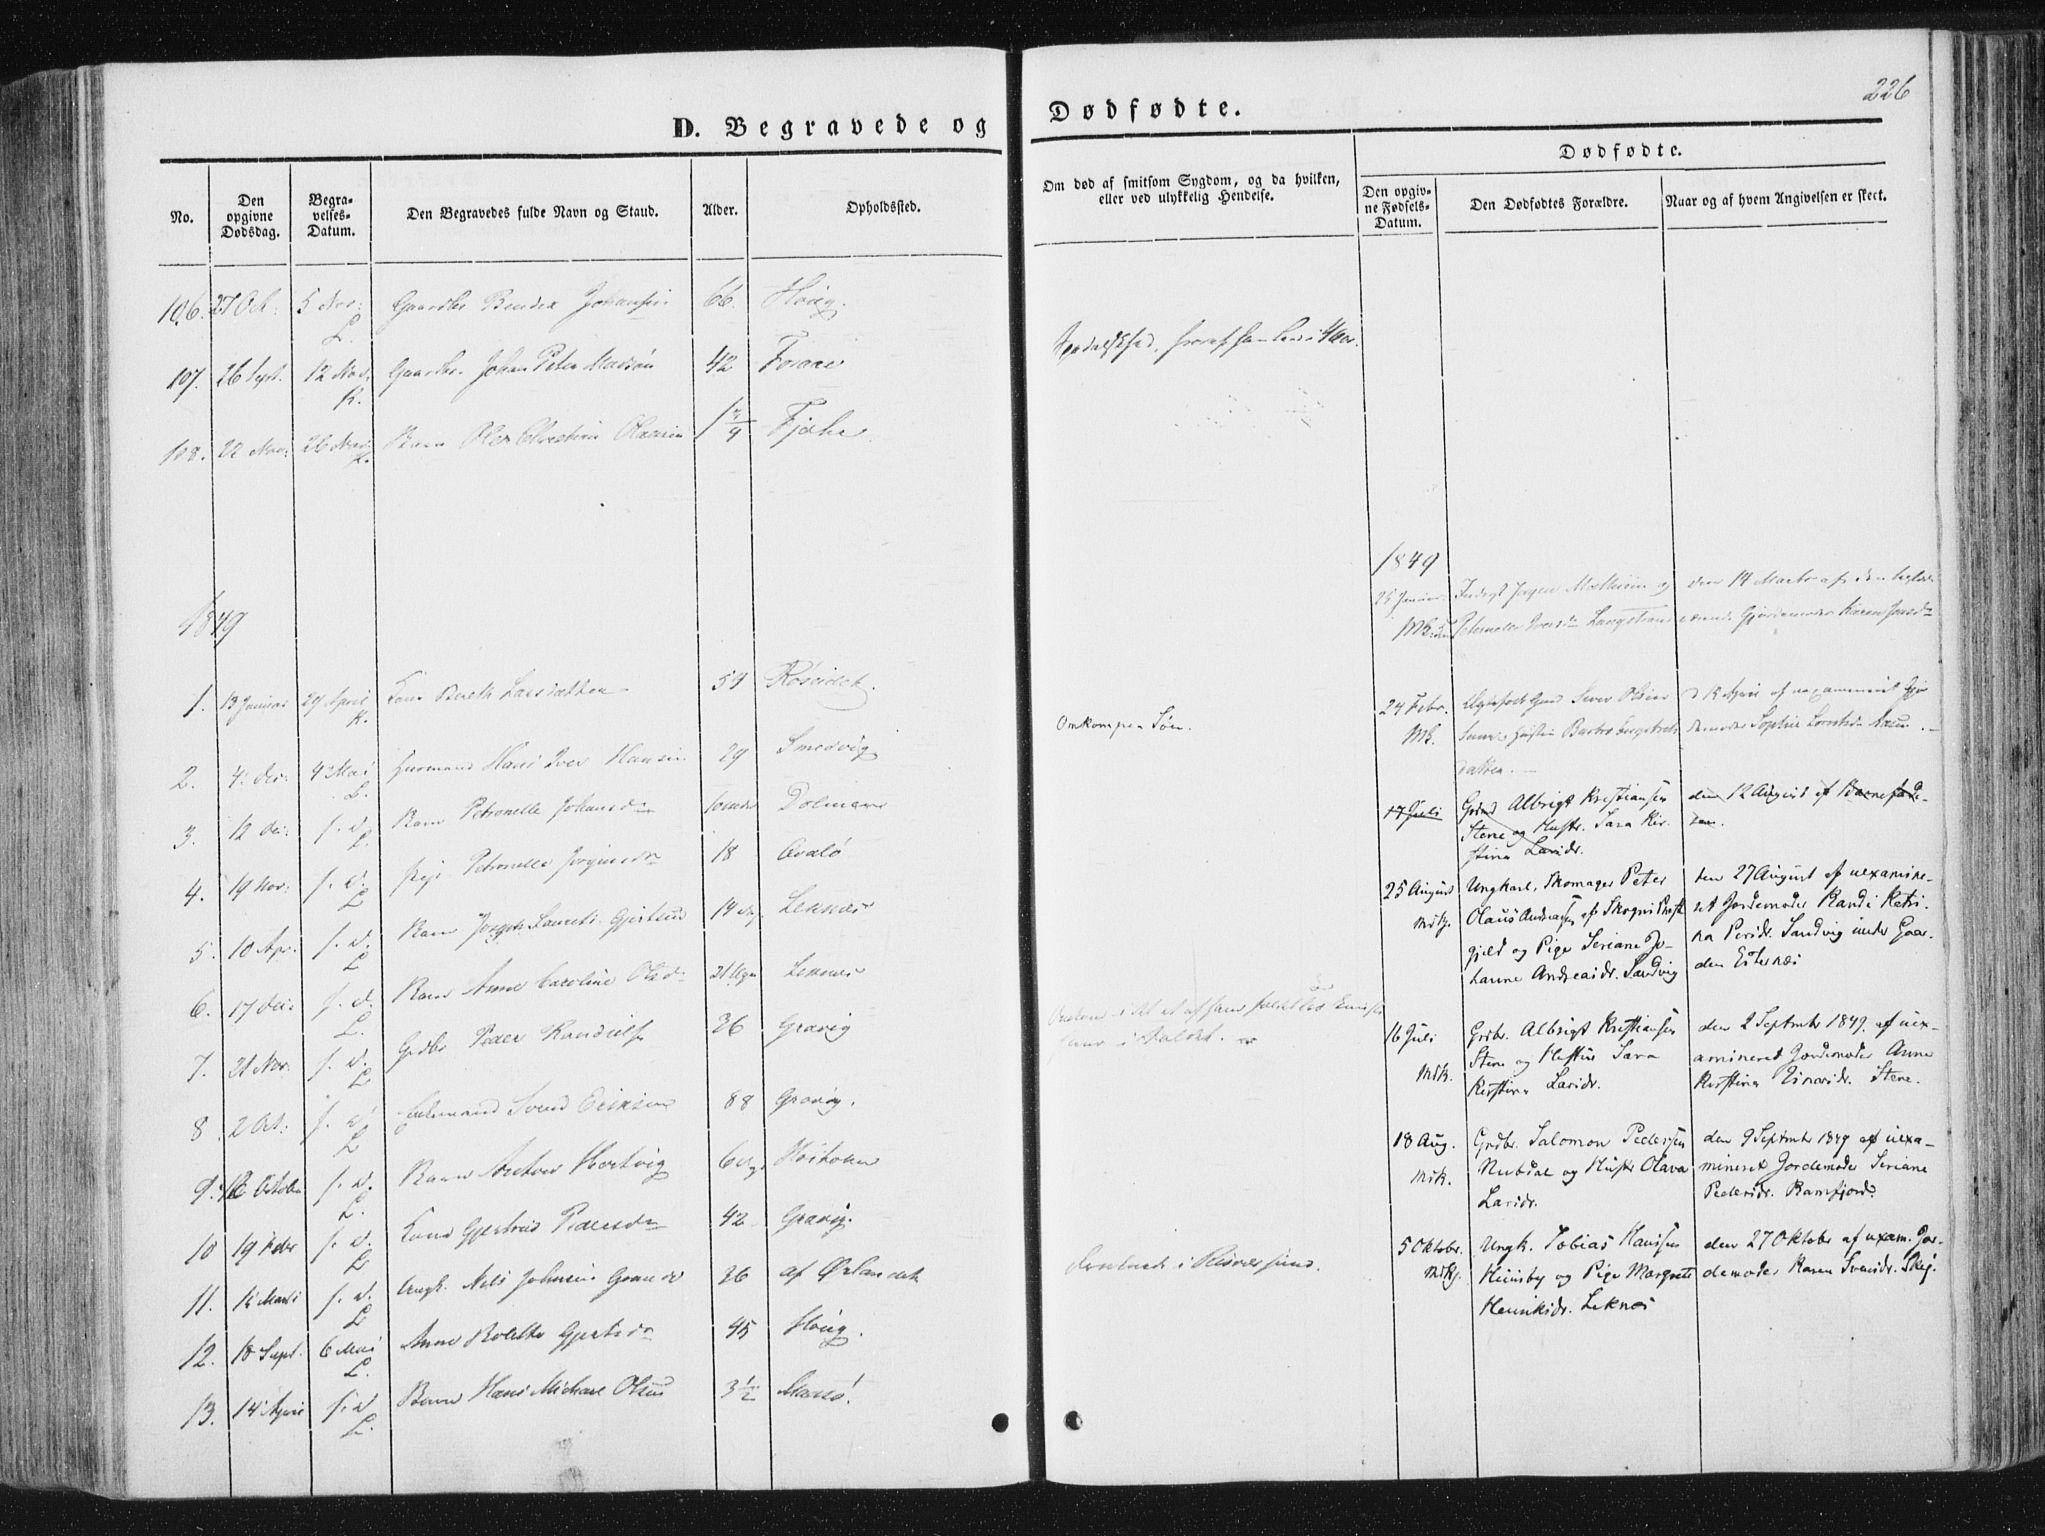 SAT, Ministerialprotokoller, klokkerbøker og fødselsregistre - Nord-Trøndelag, 780/L0640: Ministerialbok nr. 780A05, 1845-1856, s. 226